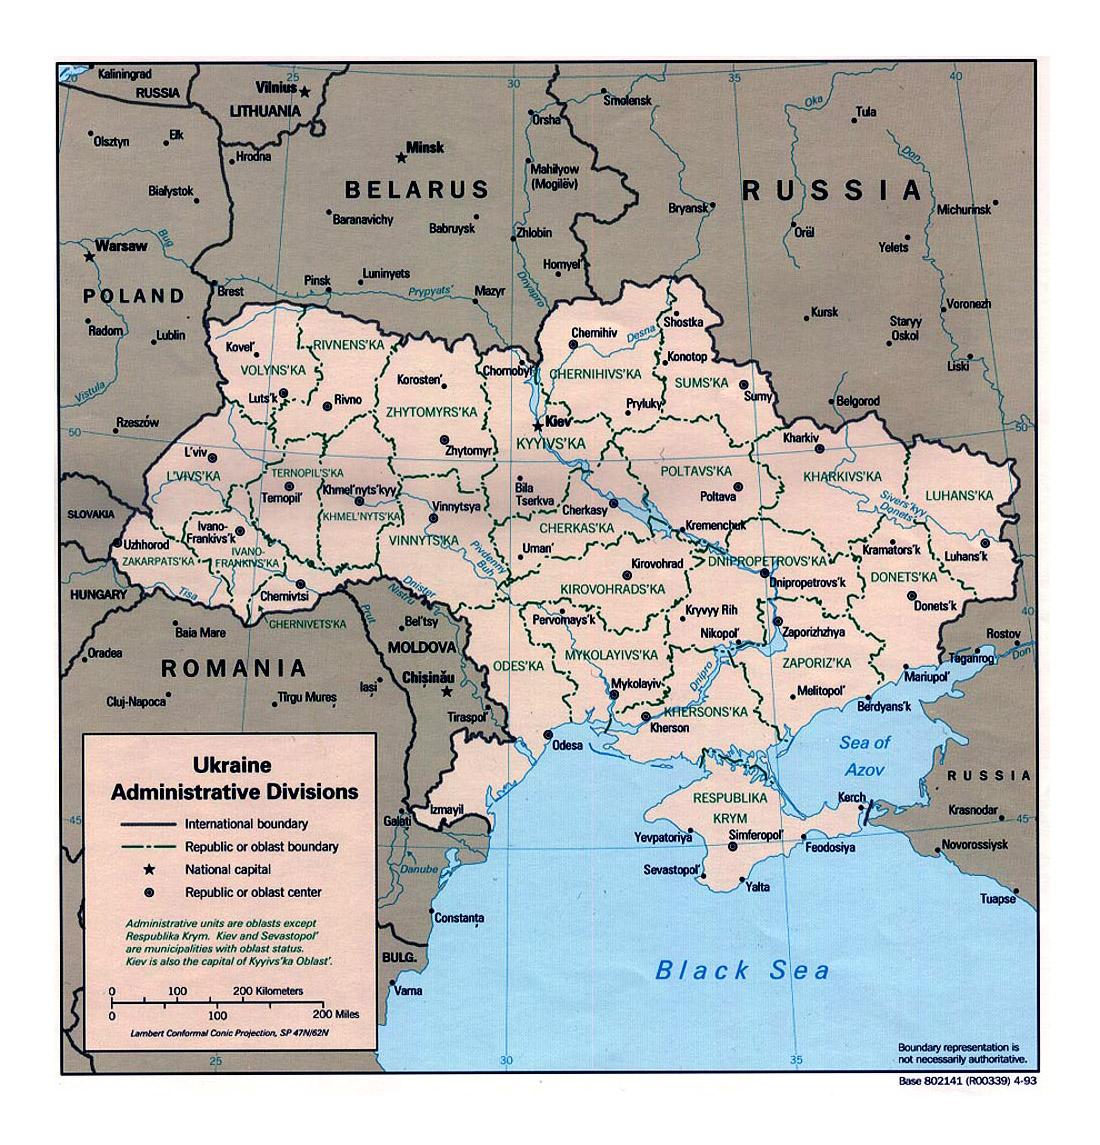 Detailed administrative divisions map of Ukraine 1993 Ukraine